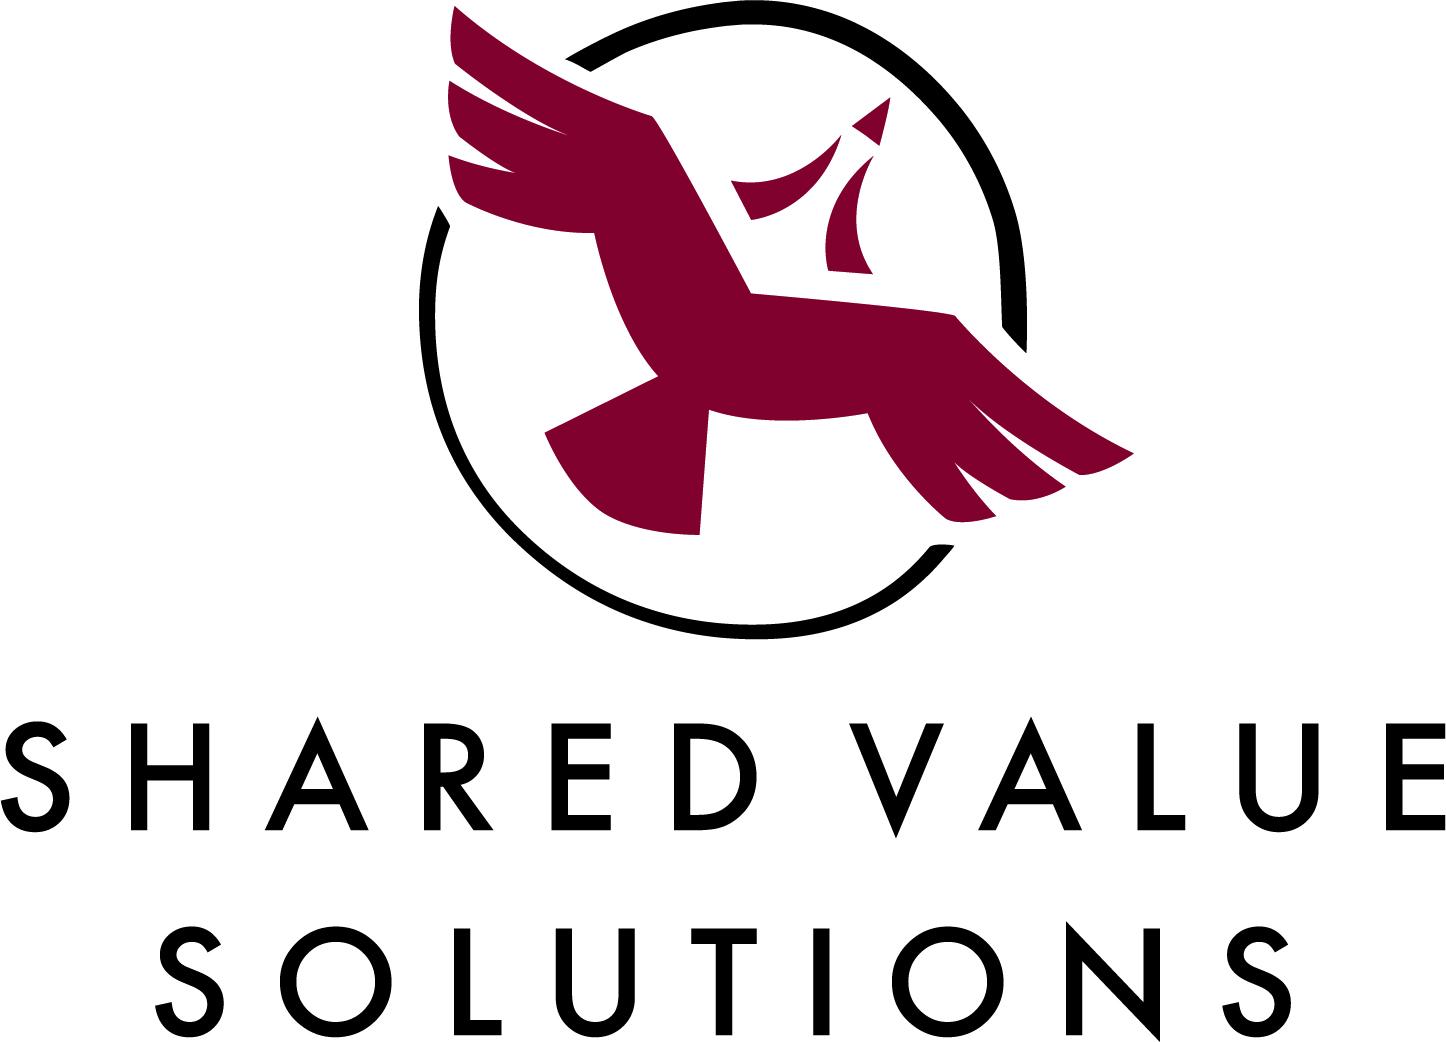 shared_value_solutions_jpg